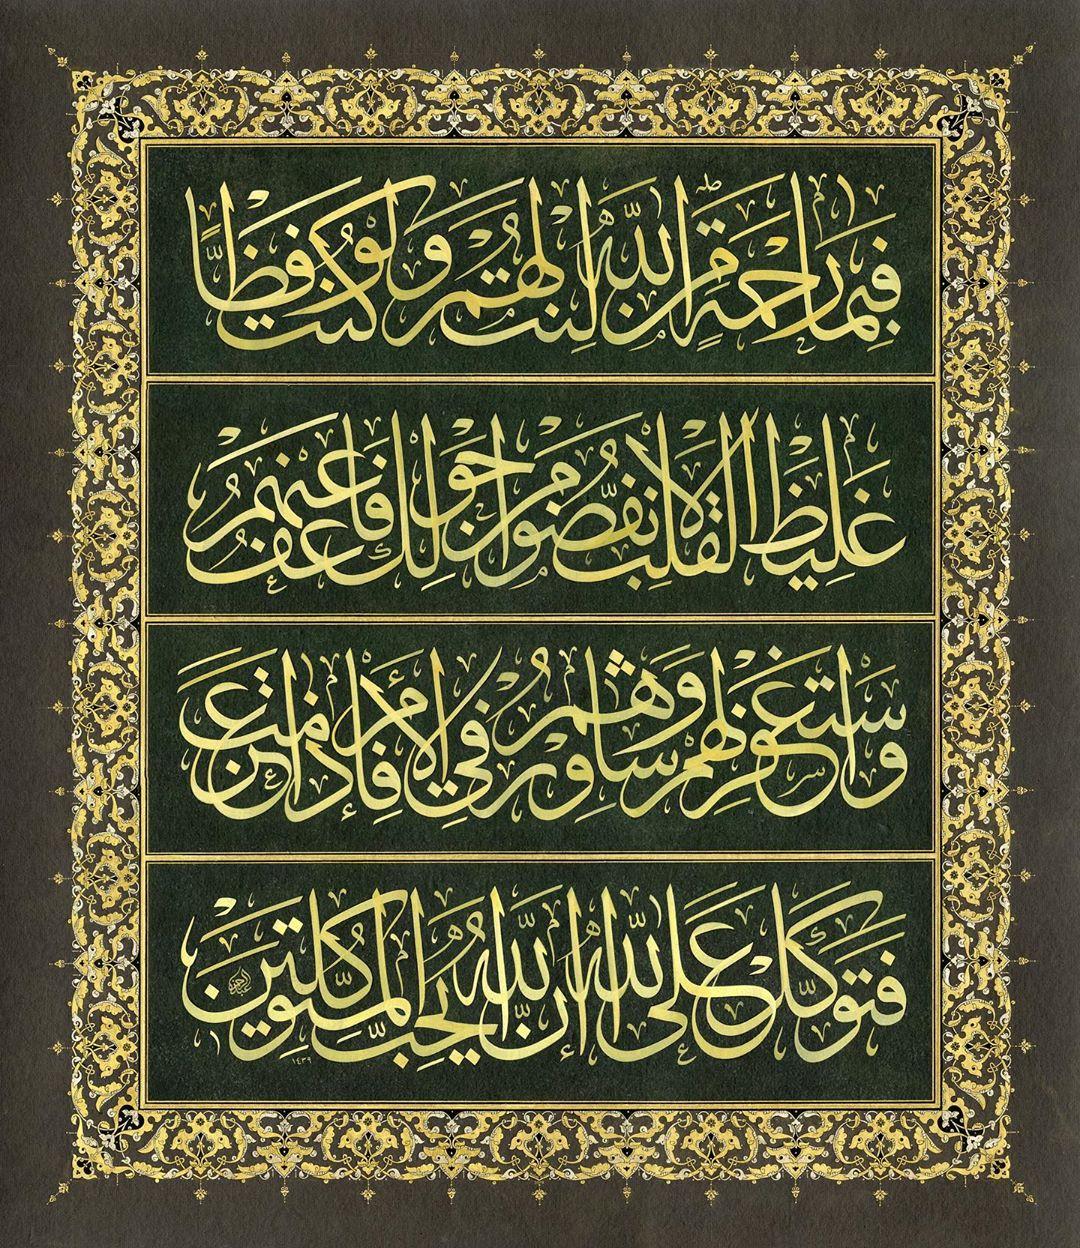 Work Calligraphy Allah'ın rahmeti sayesinde sen onlara karşı yumuşak davrandın. Eğer kaba, katı y…- Abdurrahman Depeler